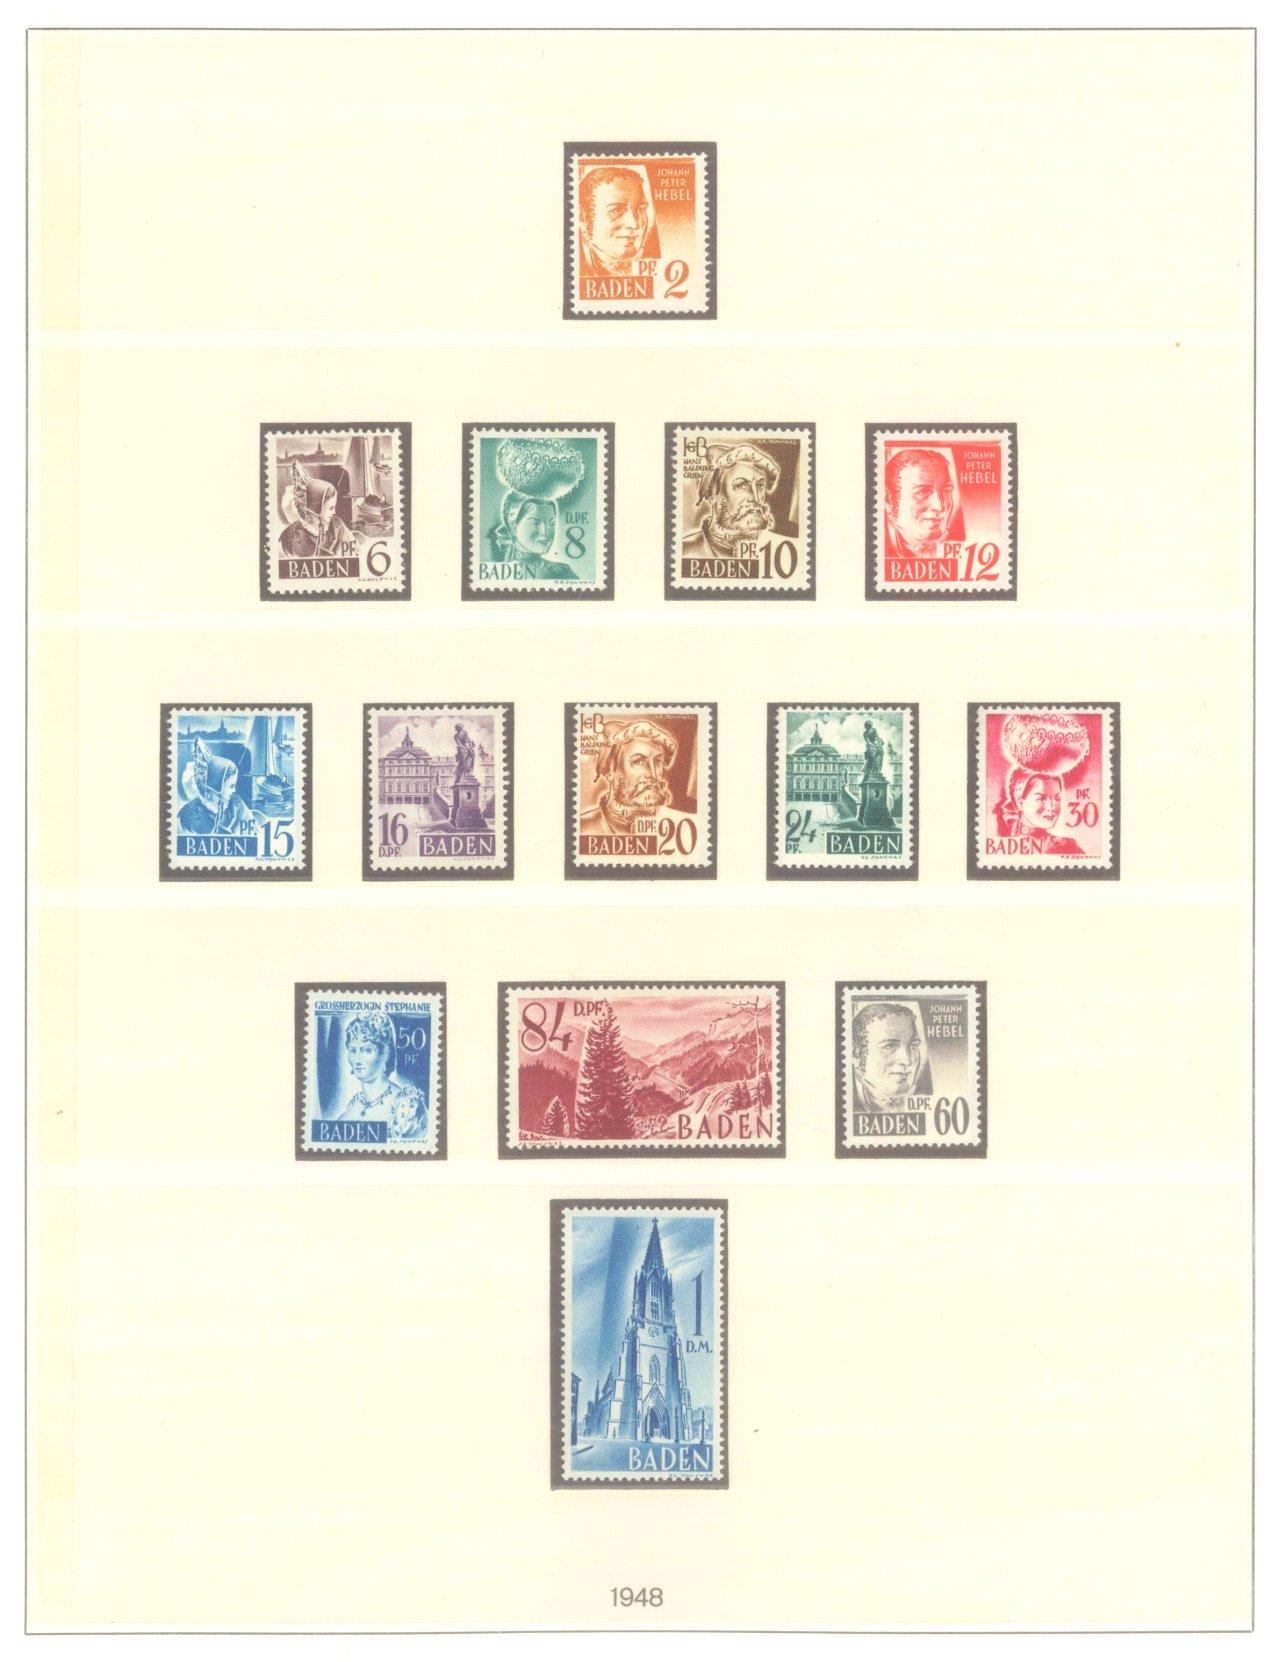 FRANZÖSISCHE ZONE BADEN 1947-1949